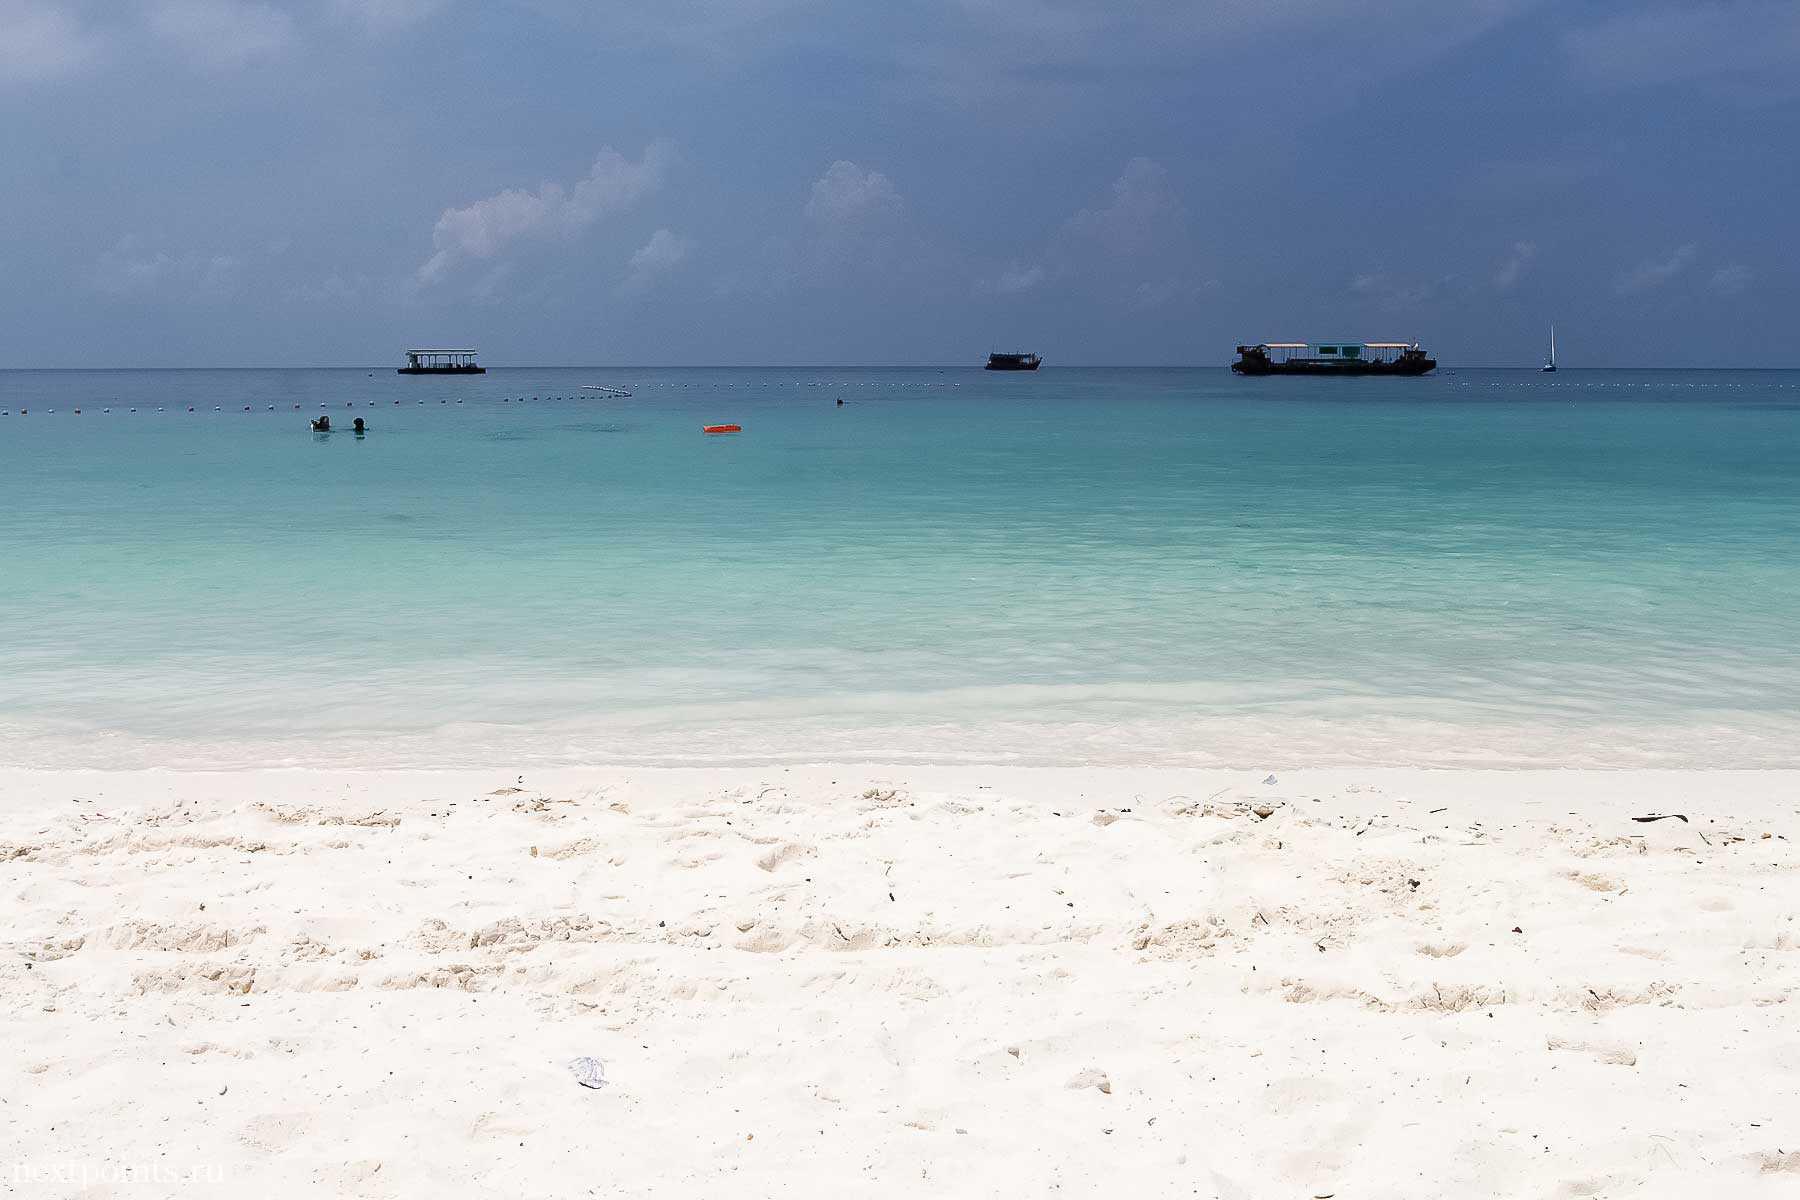 На пляже Pattaya на острове Ко Липе (Koh Lipe) в Таиланде